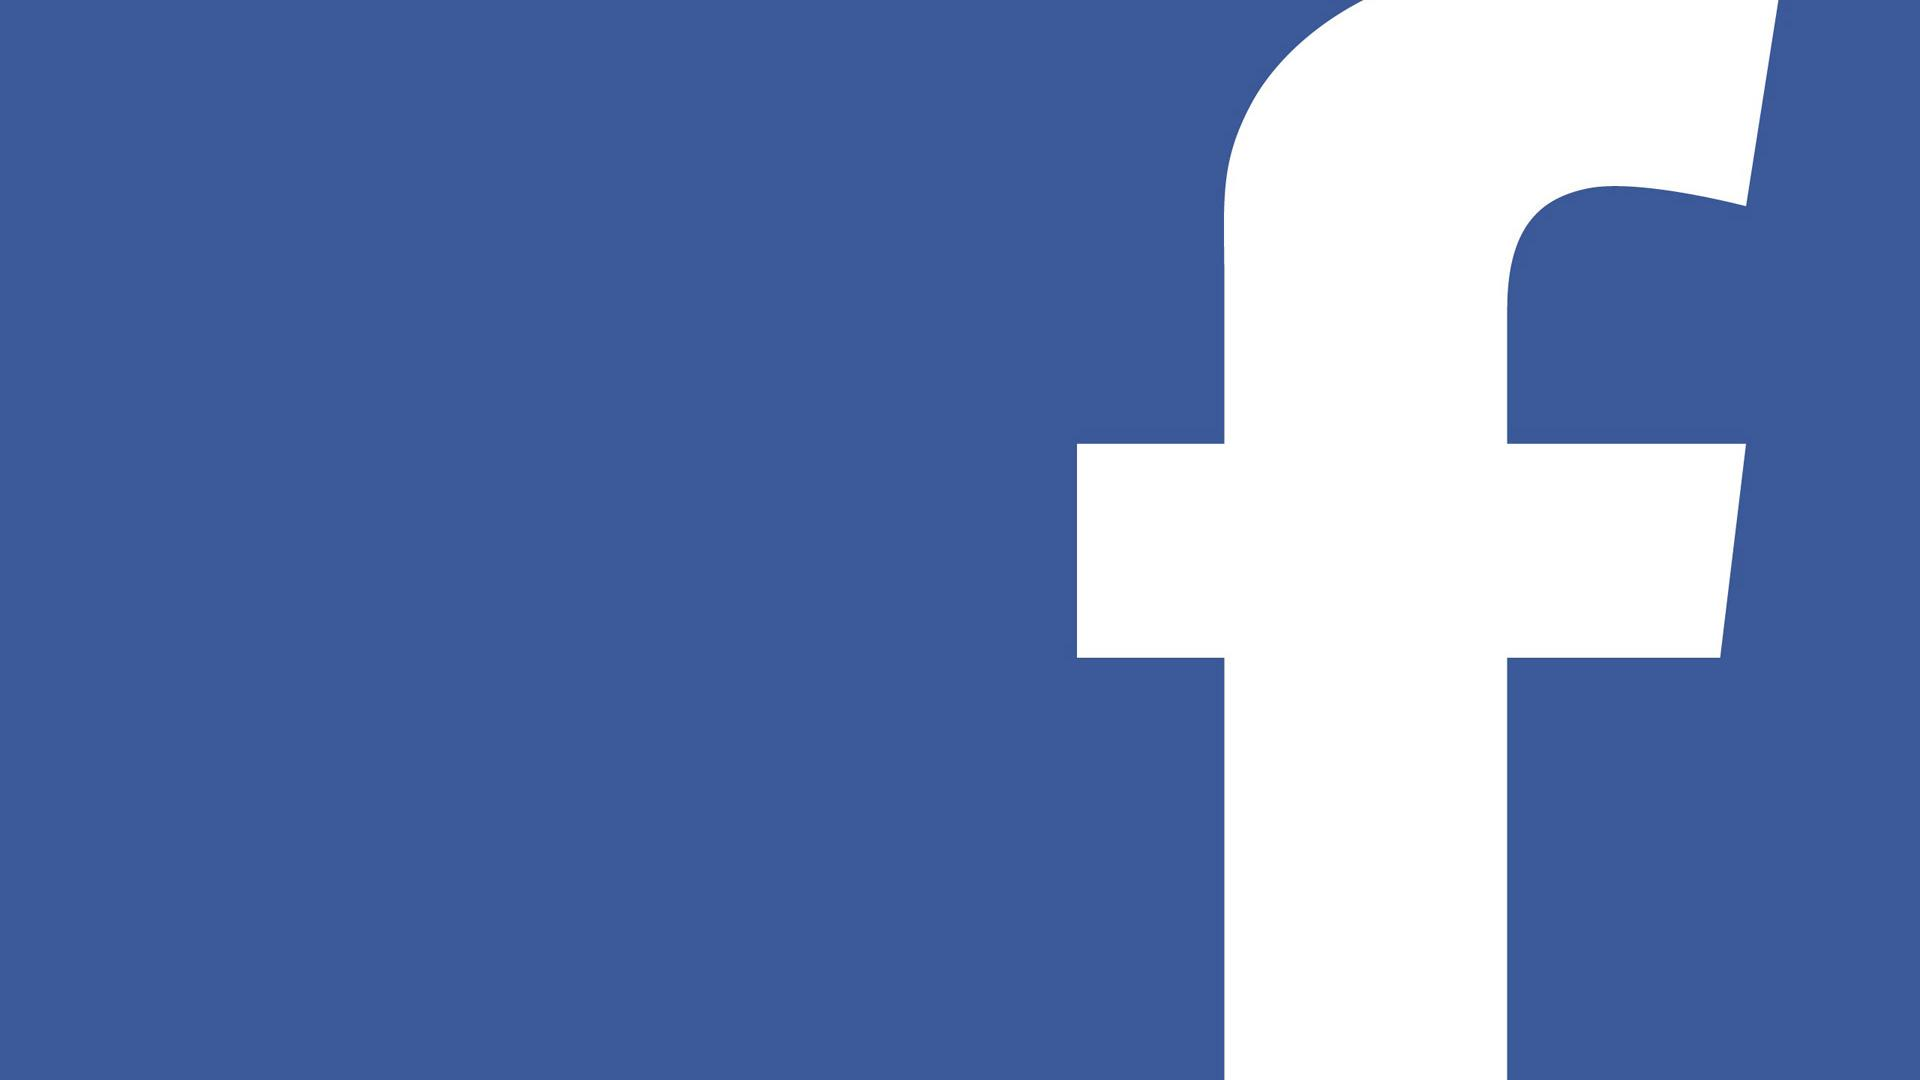 Description Facebook Logo HD Wallpaper is a hi res Wallpaper for pc 1920x1080